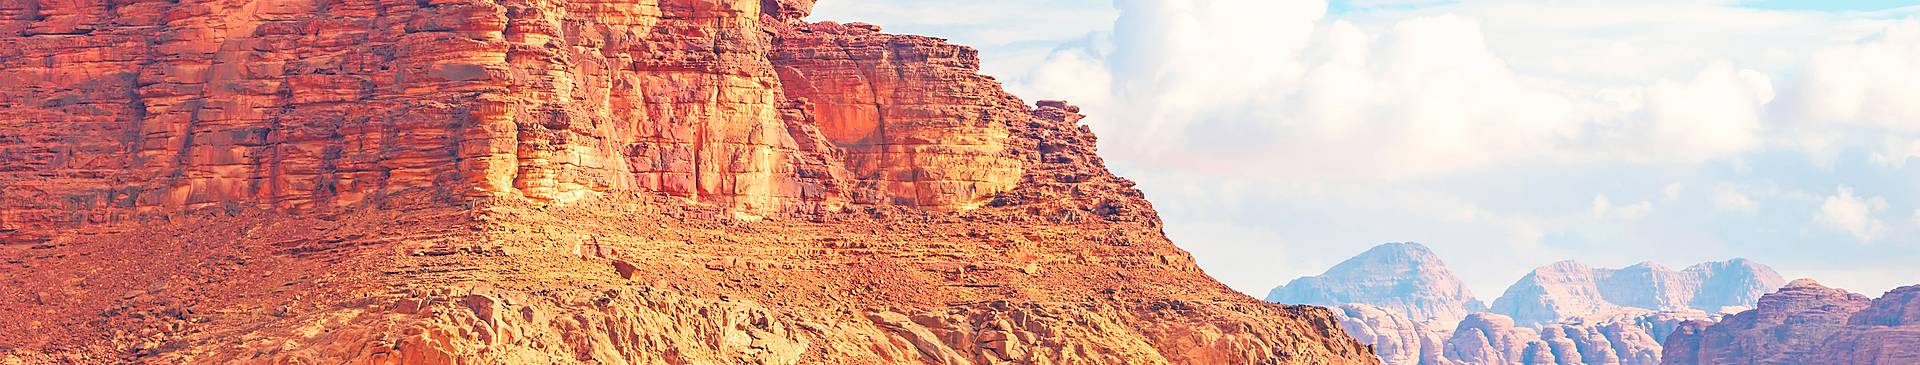 Naturreisen Jordanien